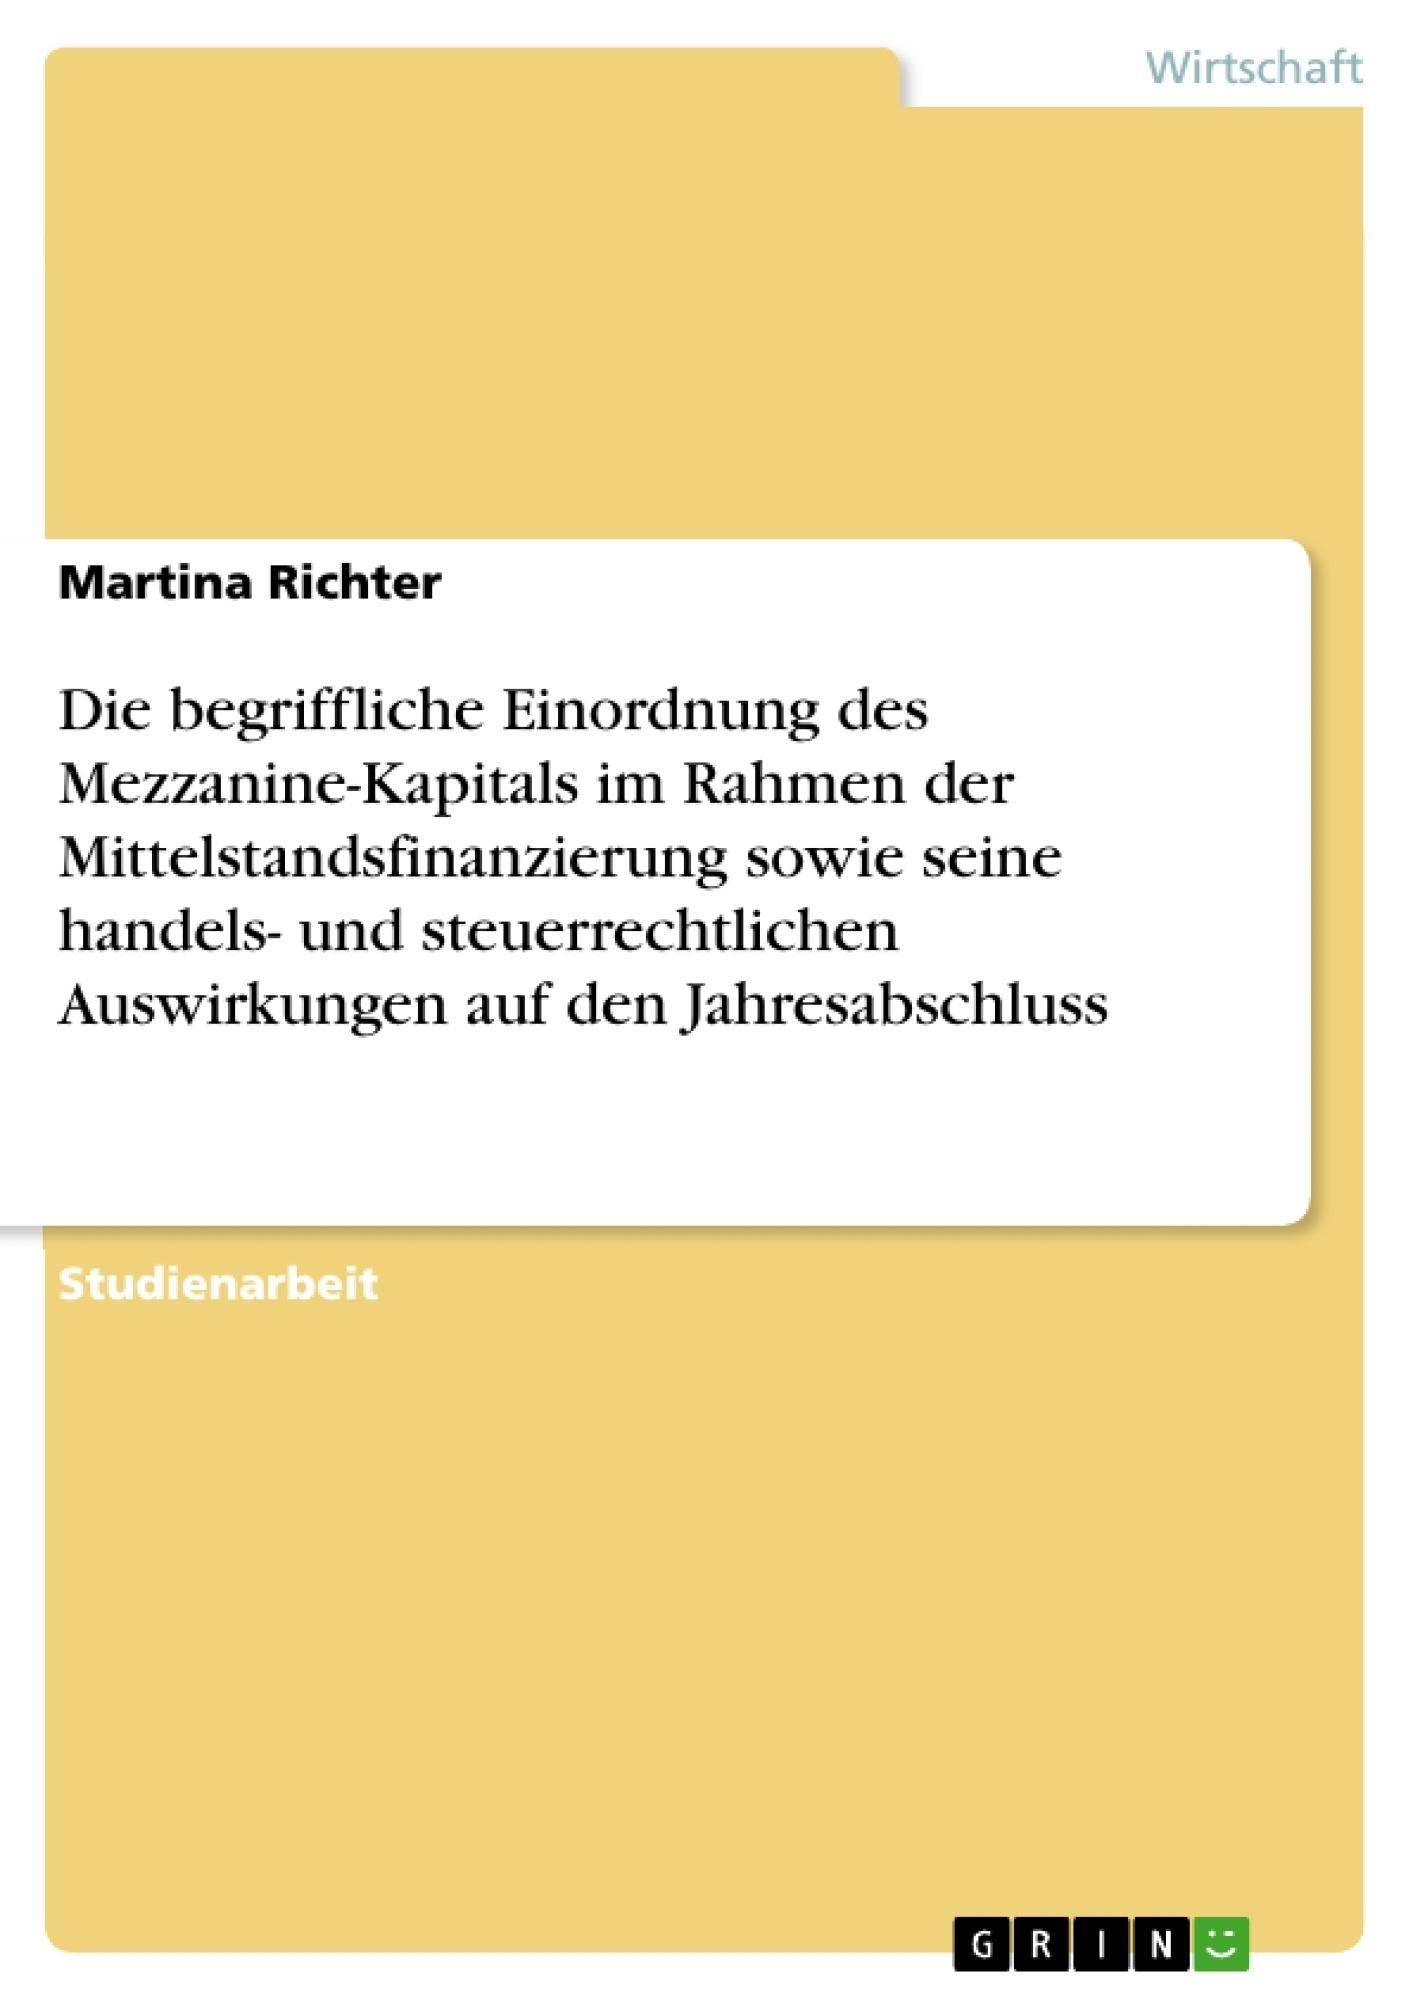 Titel: Die begriffliche Einordnung des Mezzanine-Kapitals im Rahmen der Mittelstandsfinanzierung sowie seine handels- und steuerrechtlichen Auswirkungen auf den Jahresabschluss